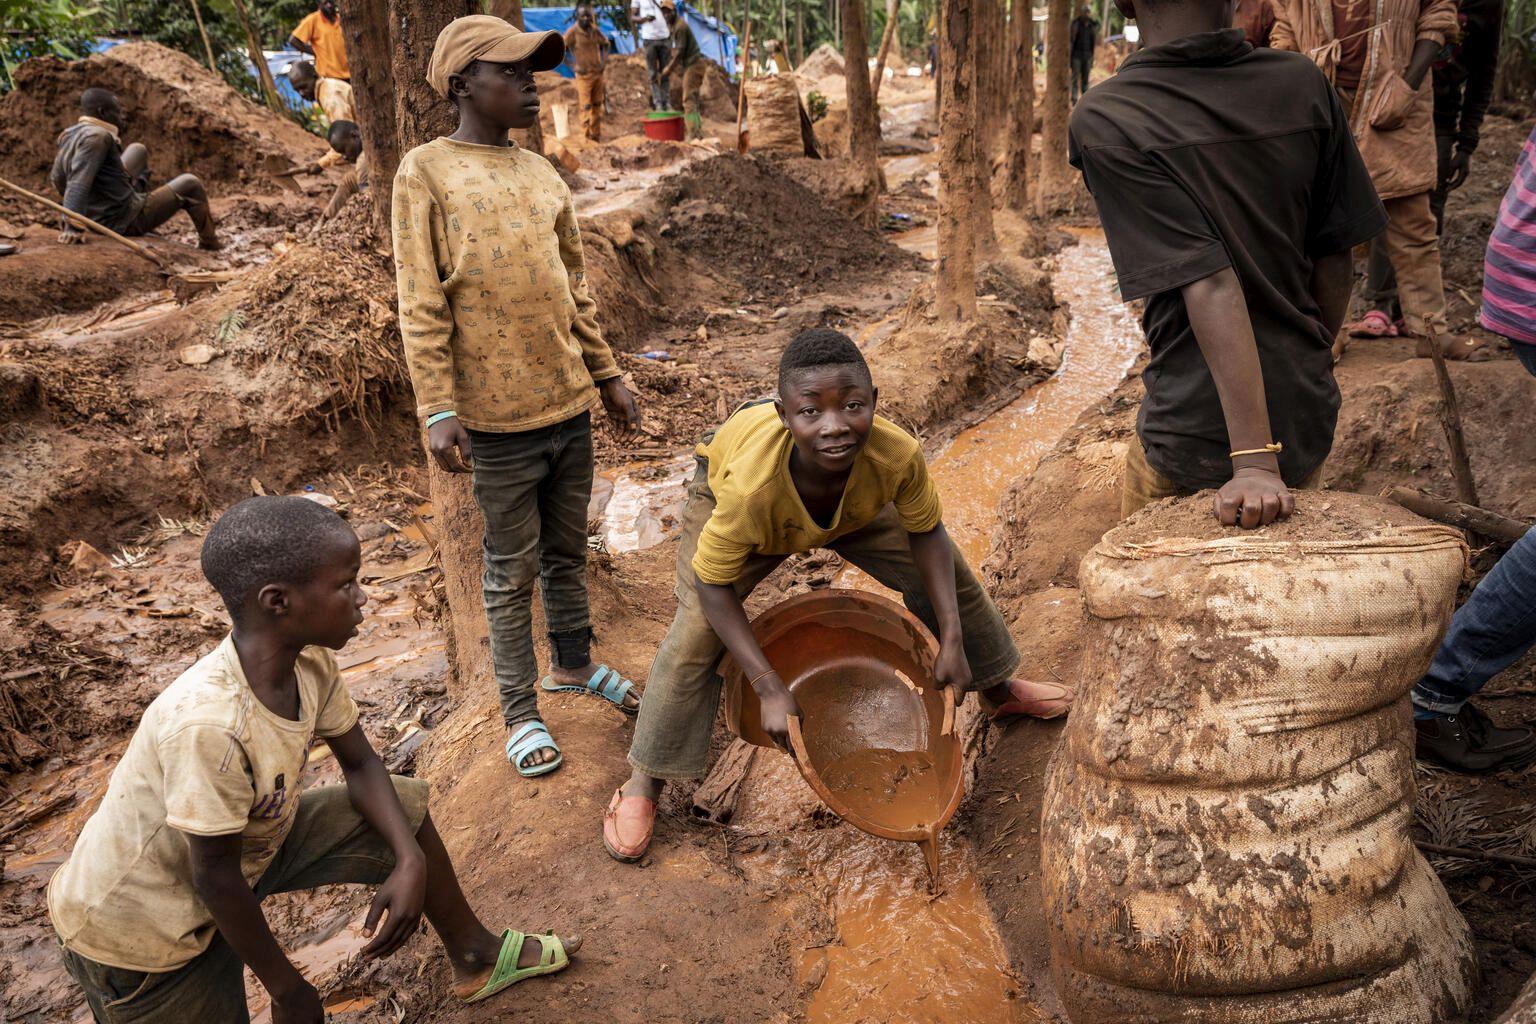 Die Zahl der Kinderarbeit steigt auf 160 Millionen